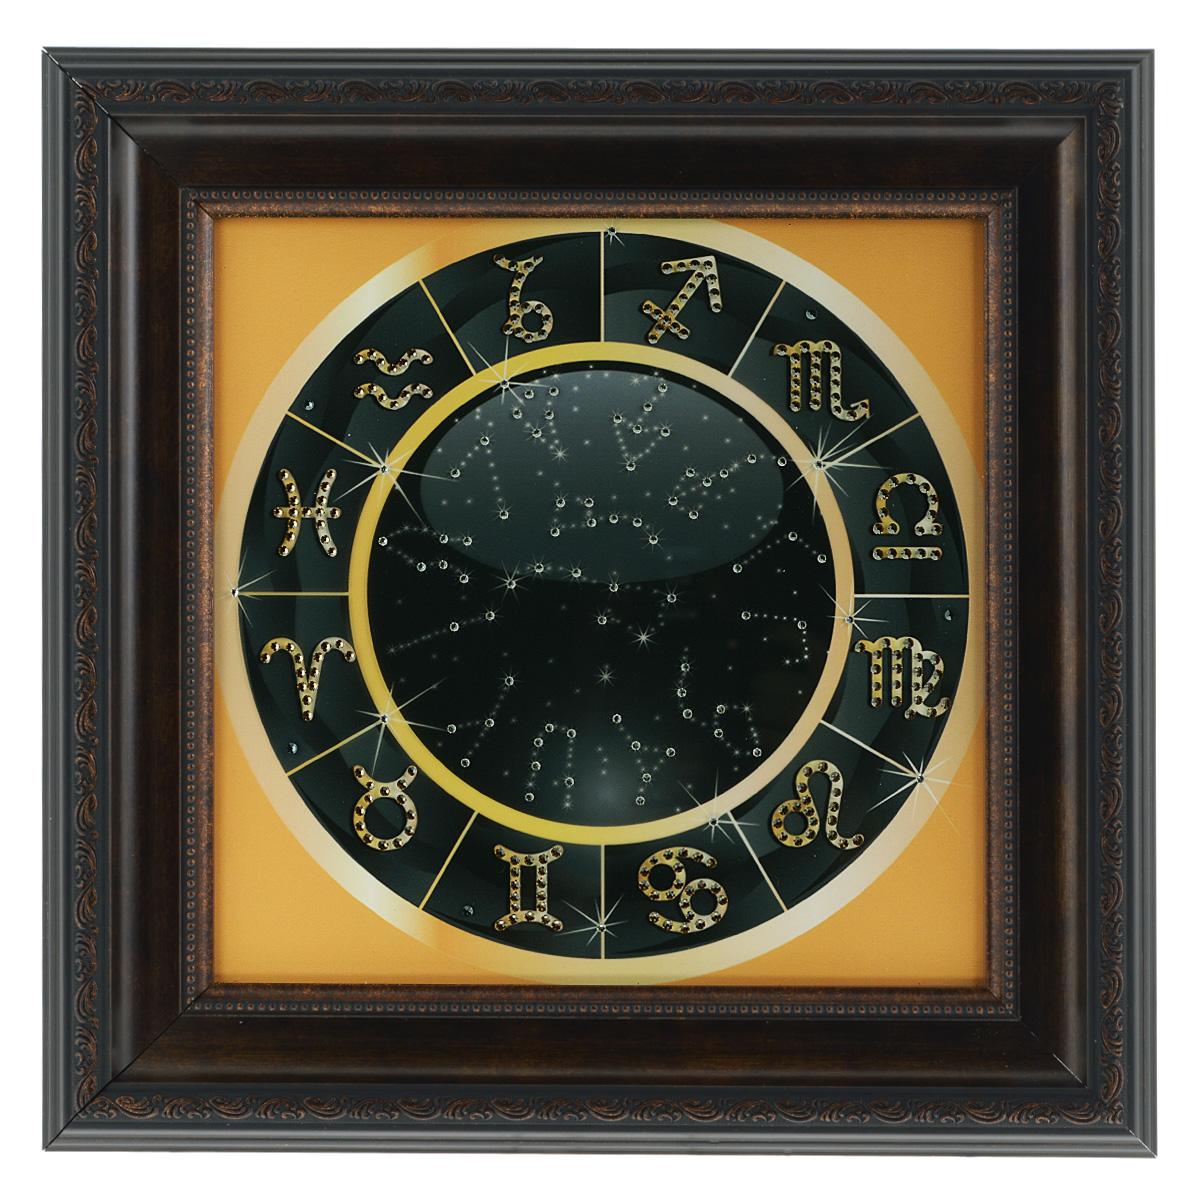 Картина с кристаллами Swarovski Знаки зодиака, 41 х 41 смPM-3003Изящная картина в багетной раме, инкрустирована кристаллами Swarovski, которые отличаются четкой и ровной огранкой, ярким блеском и чистотой цвета. Красочное изображение знаков зодиака, расположенное под стеклом, прекрасно дополняет блеск кристаллов. С обратной стороны имеется металлическая проволока для размещения картины на стене. Картина с кристаллами Swarovski Знаки зодиака элегантно украсит интерьер дома или офиса, а также станет прекрасным подарком, который обязательно понравится получателю. Блеск кристаллов в интерьере, что может быть сказочнее и удивительнее. Картина упакована в подарочную картонную коробку синего цвета и комплектуется сертификатом соответствия Swarovski.